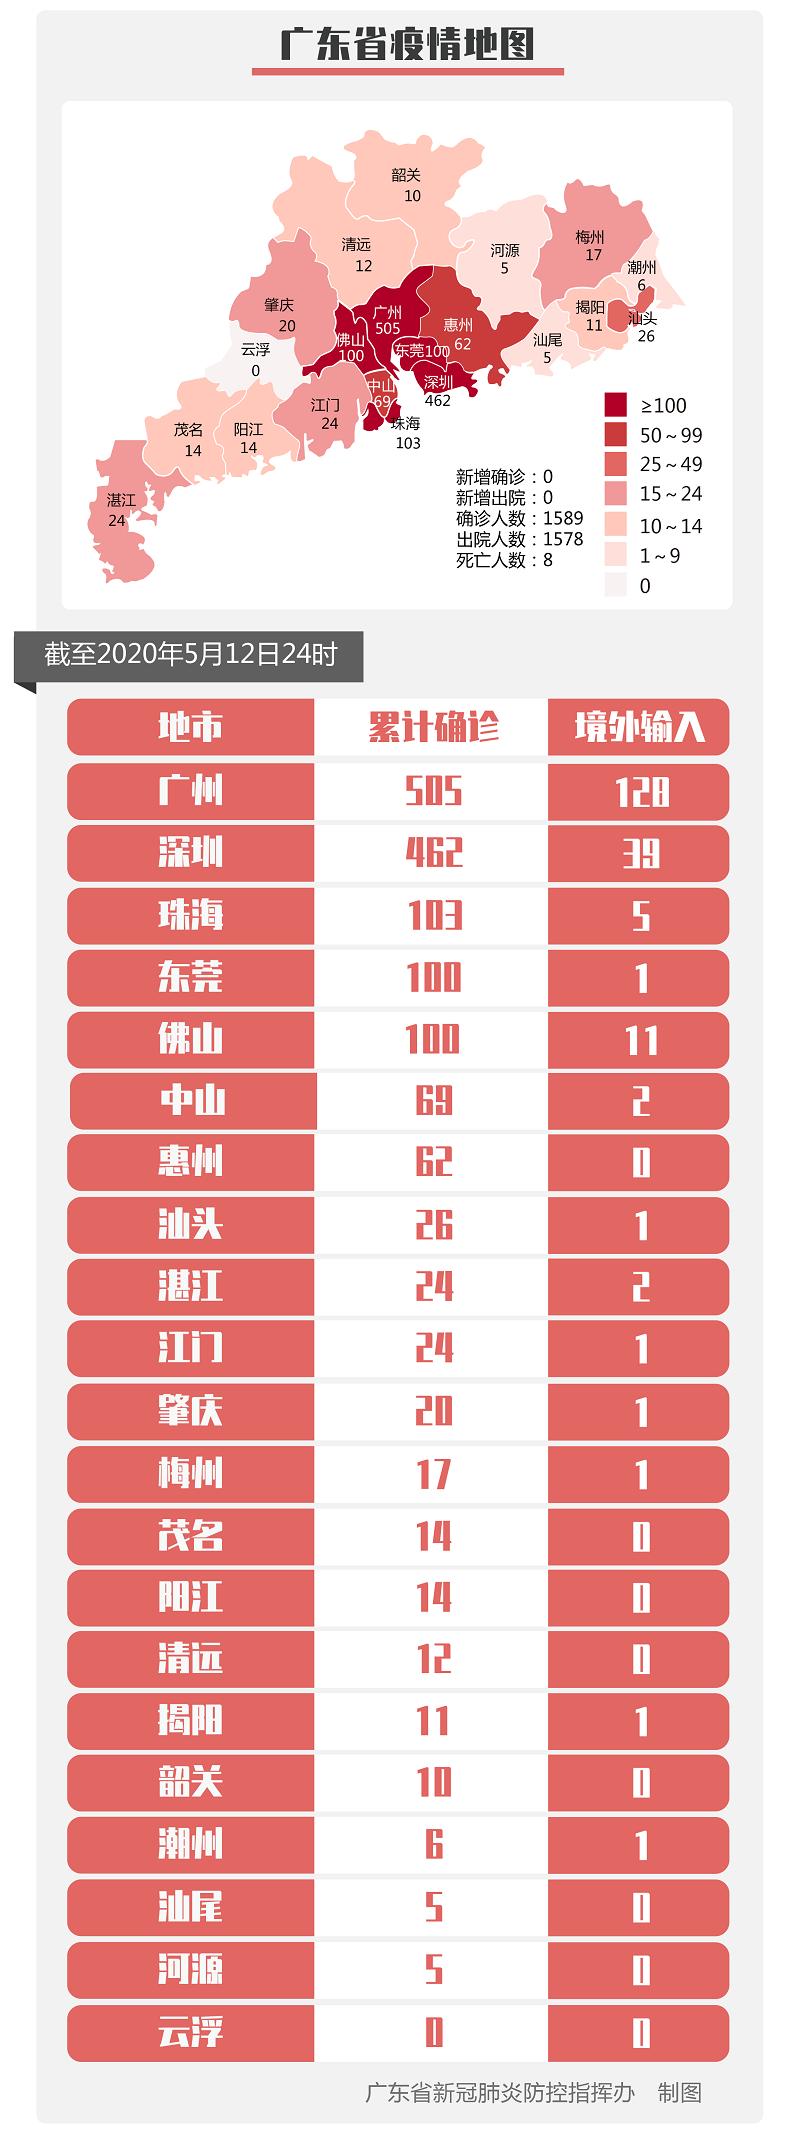 摩天招商:5摩天招商月12日广东新增1例图片